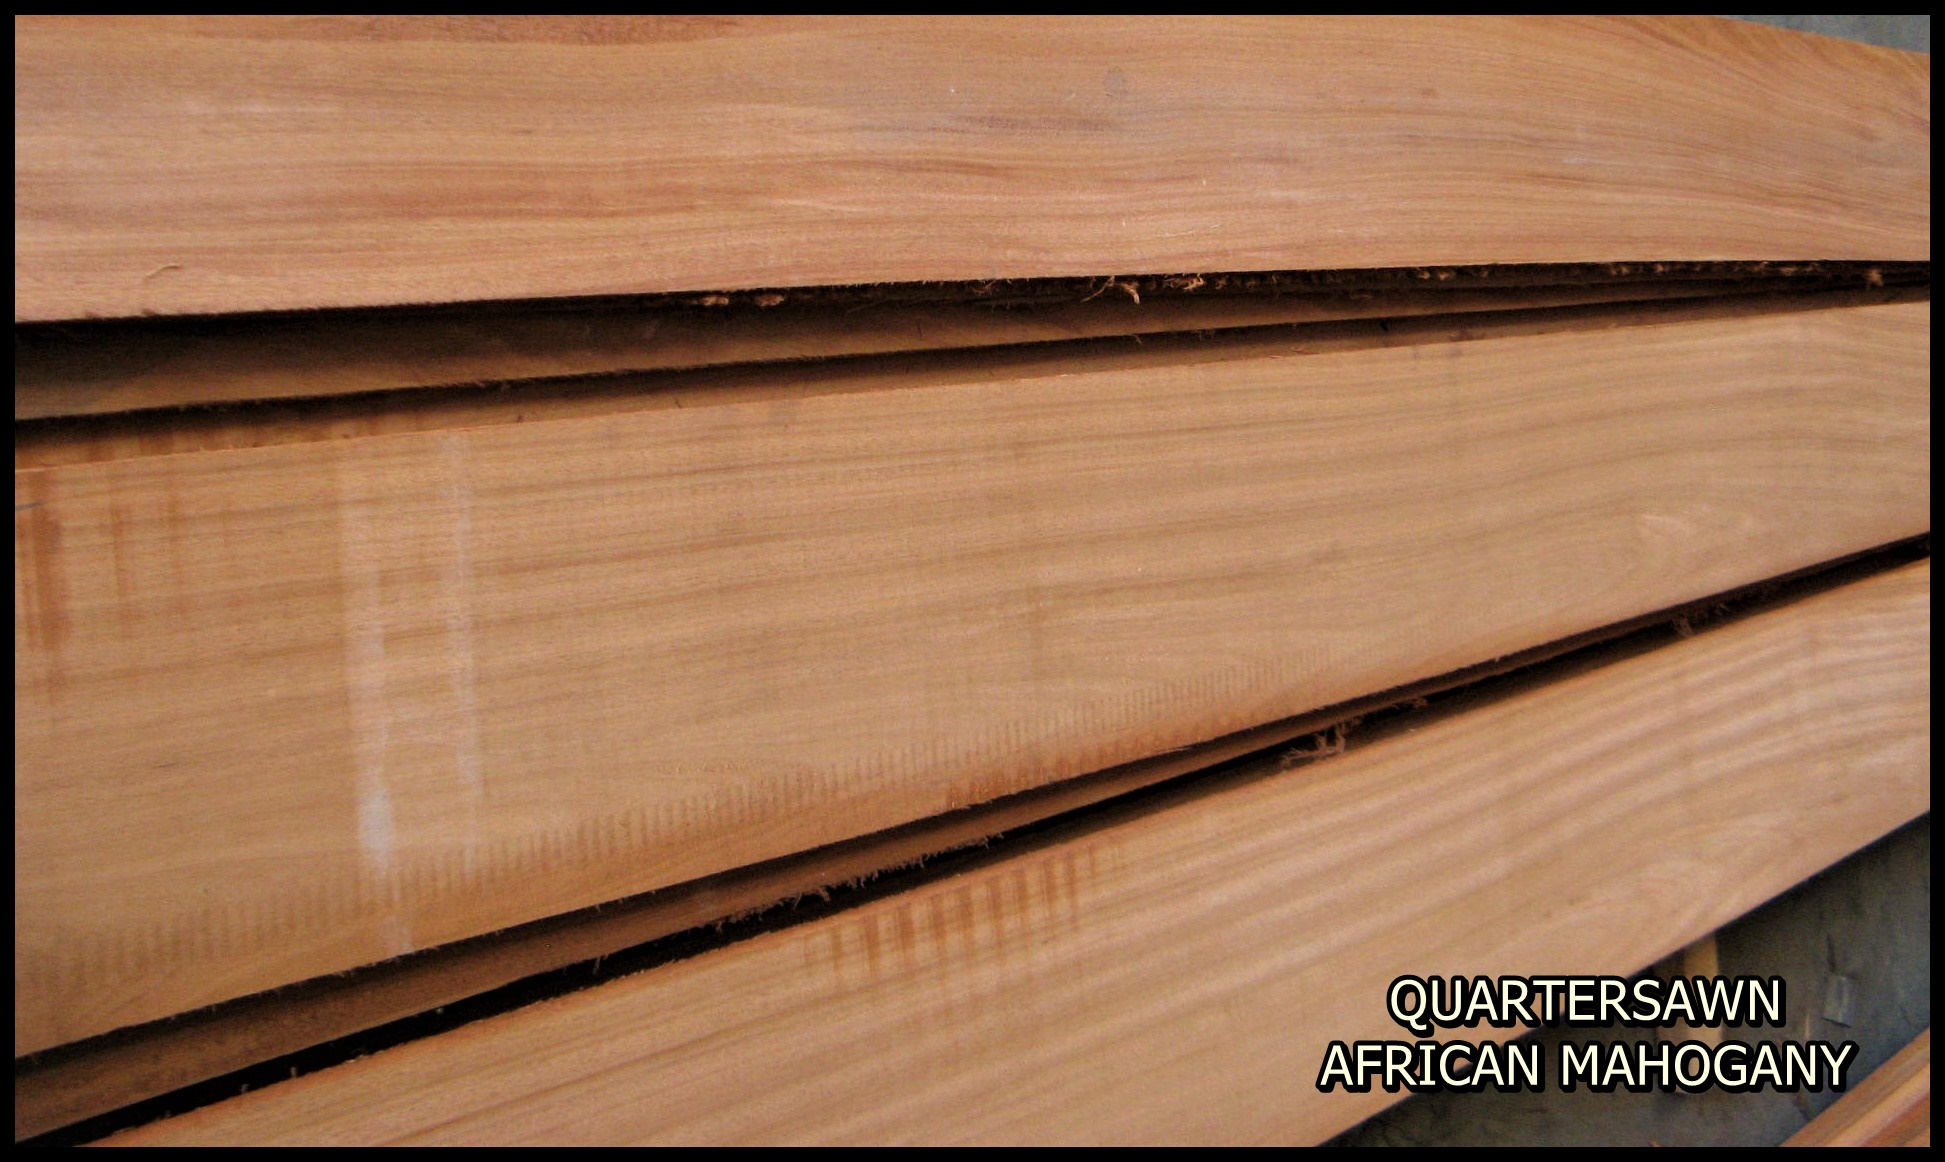 1 Rw L Sel Btr Brown Red Leaf Soft Maple K D Rgh